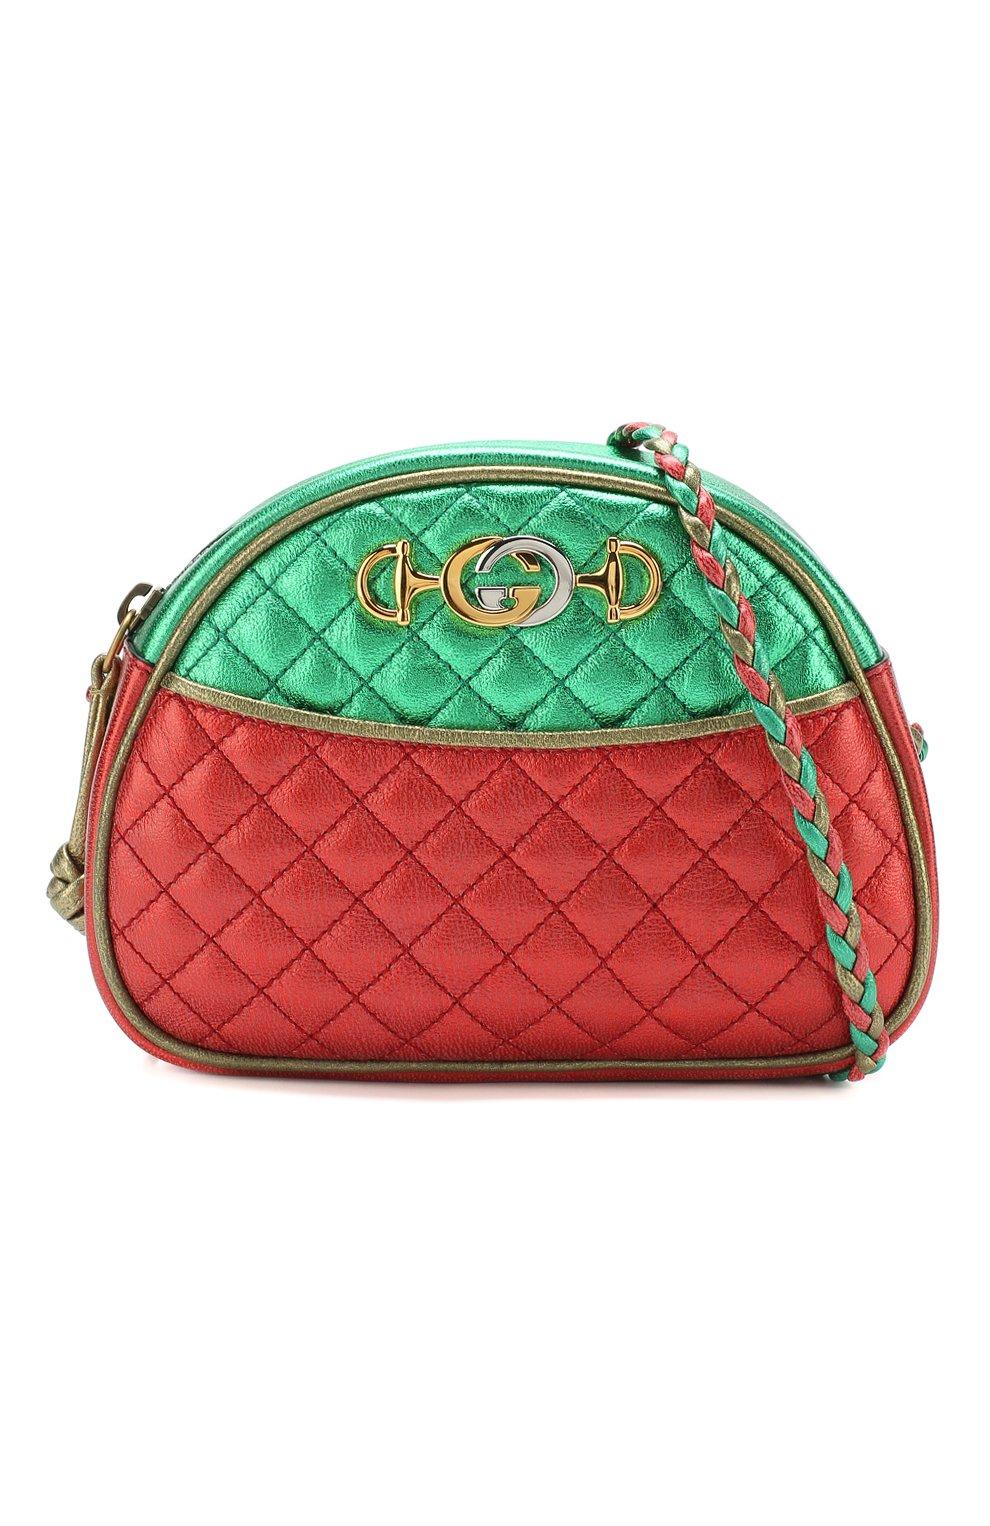 9020de7bf07d Сумки Gucci по цене от 56 000 руб. купить в интернет-магазине ЦУМ